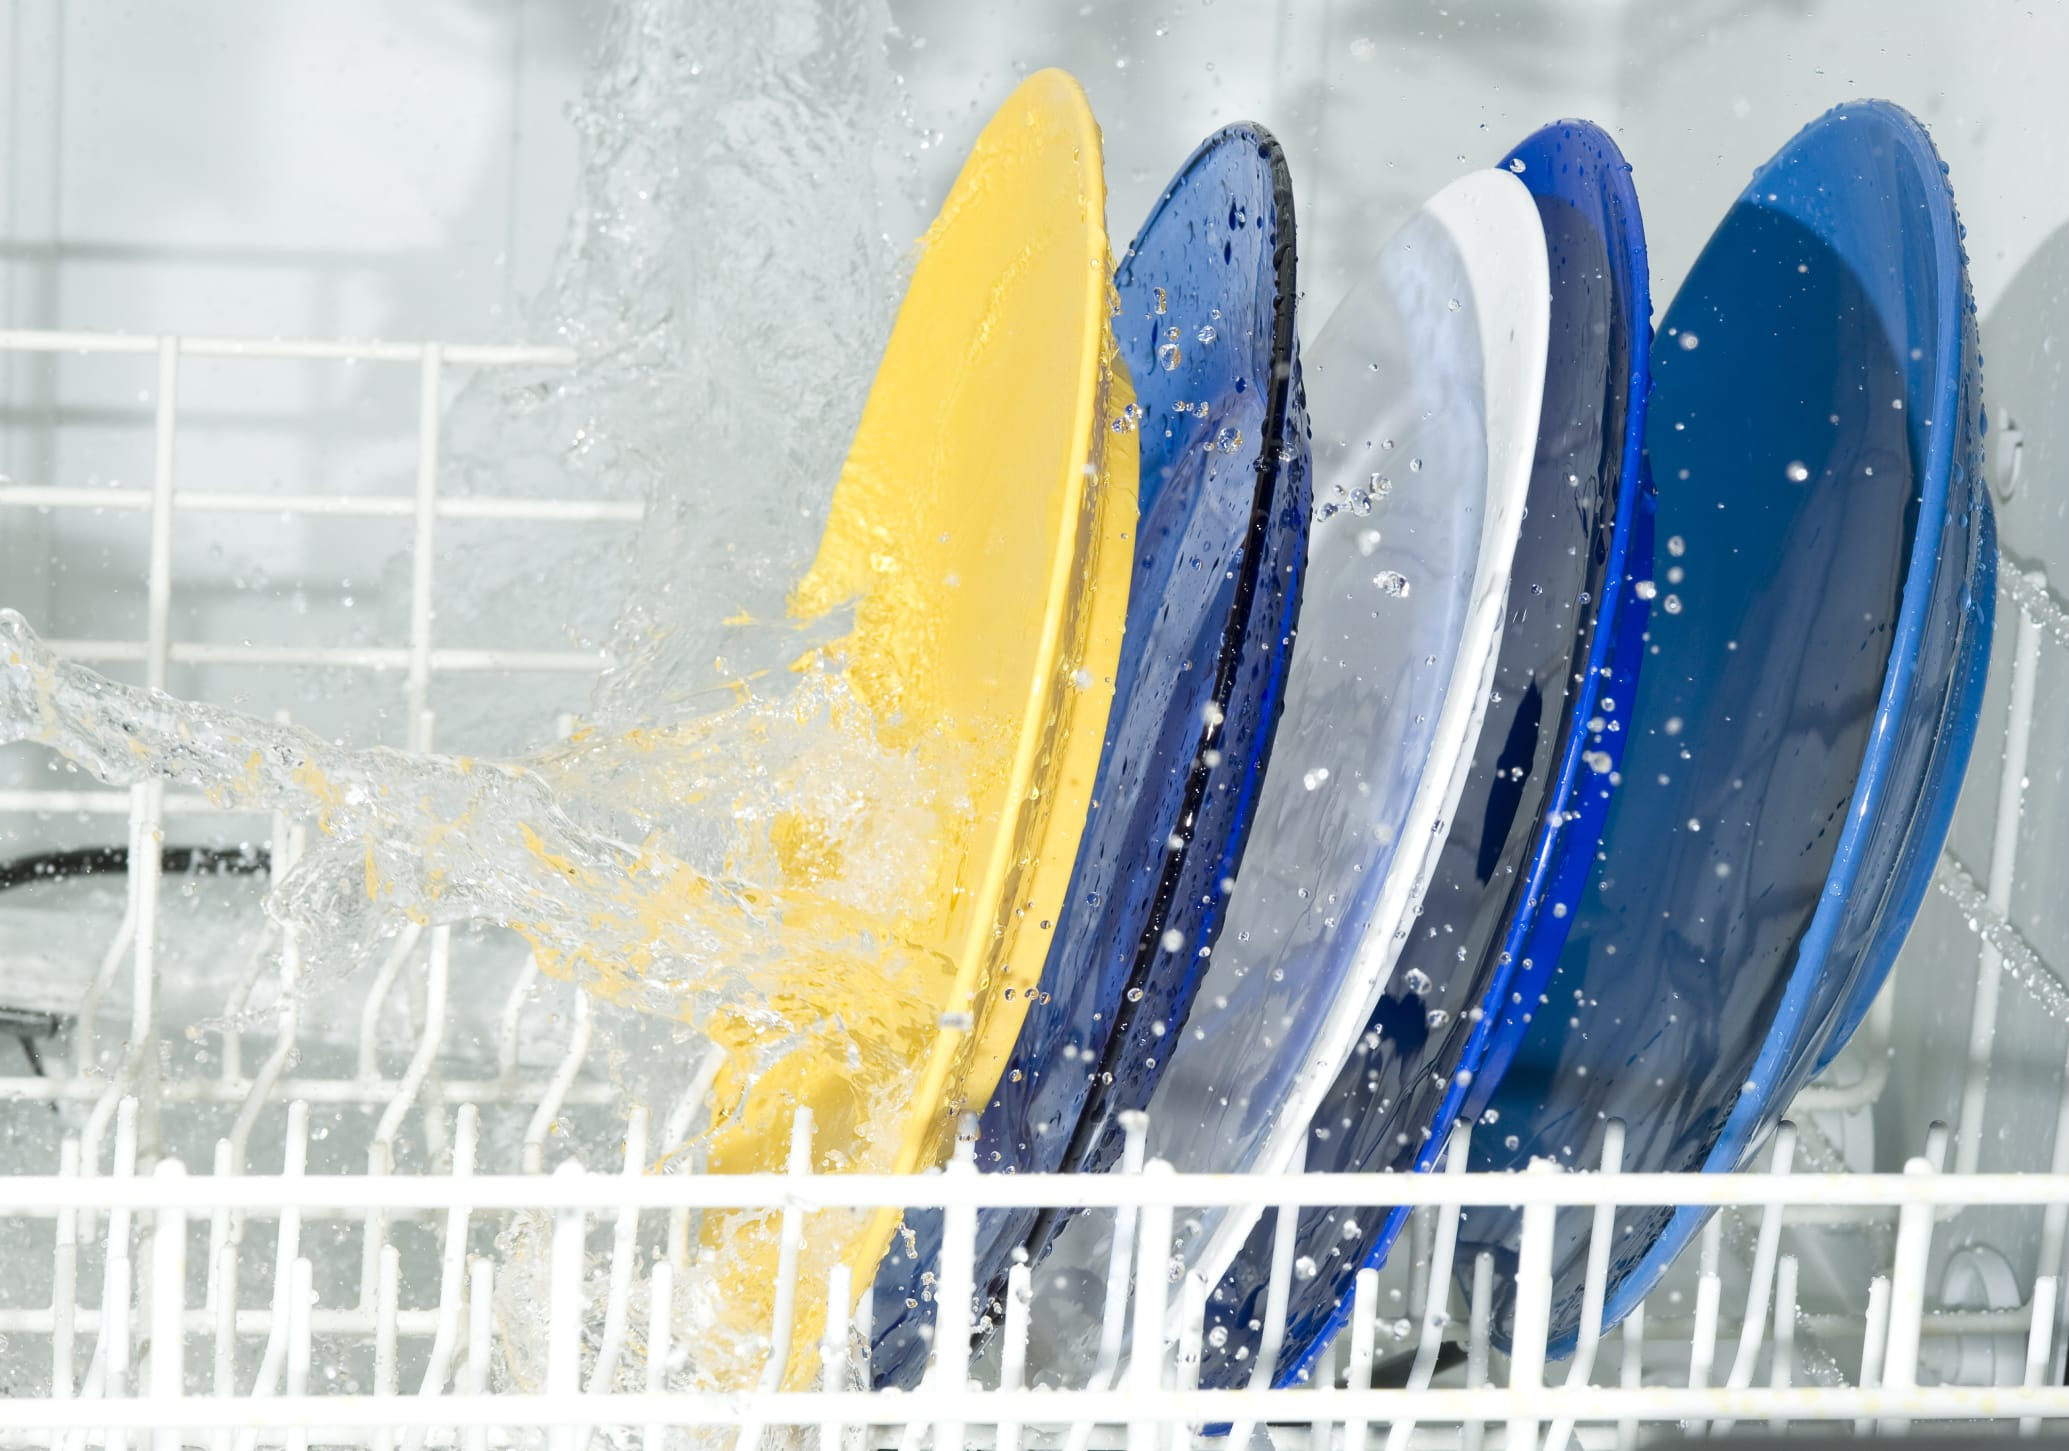 Brillantante fai da te per lavastoviglie come prepararlo in casa non sprecare - Come fare i detersivi in casa ...